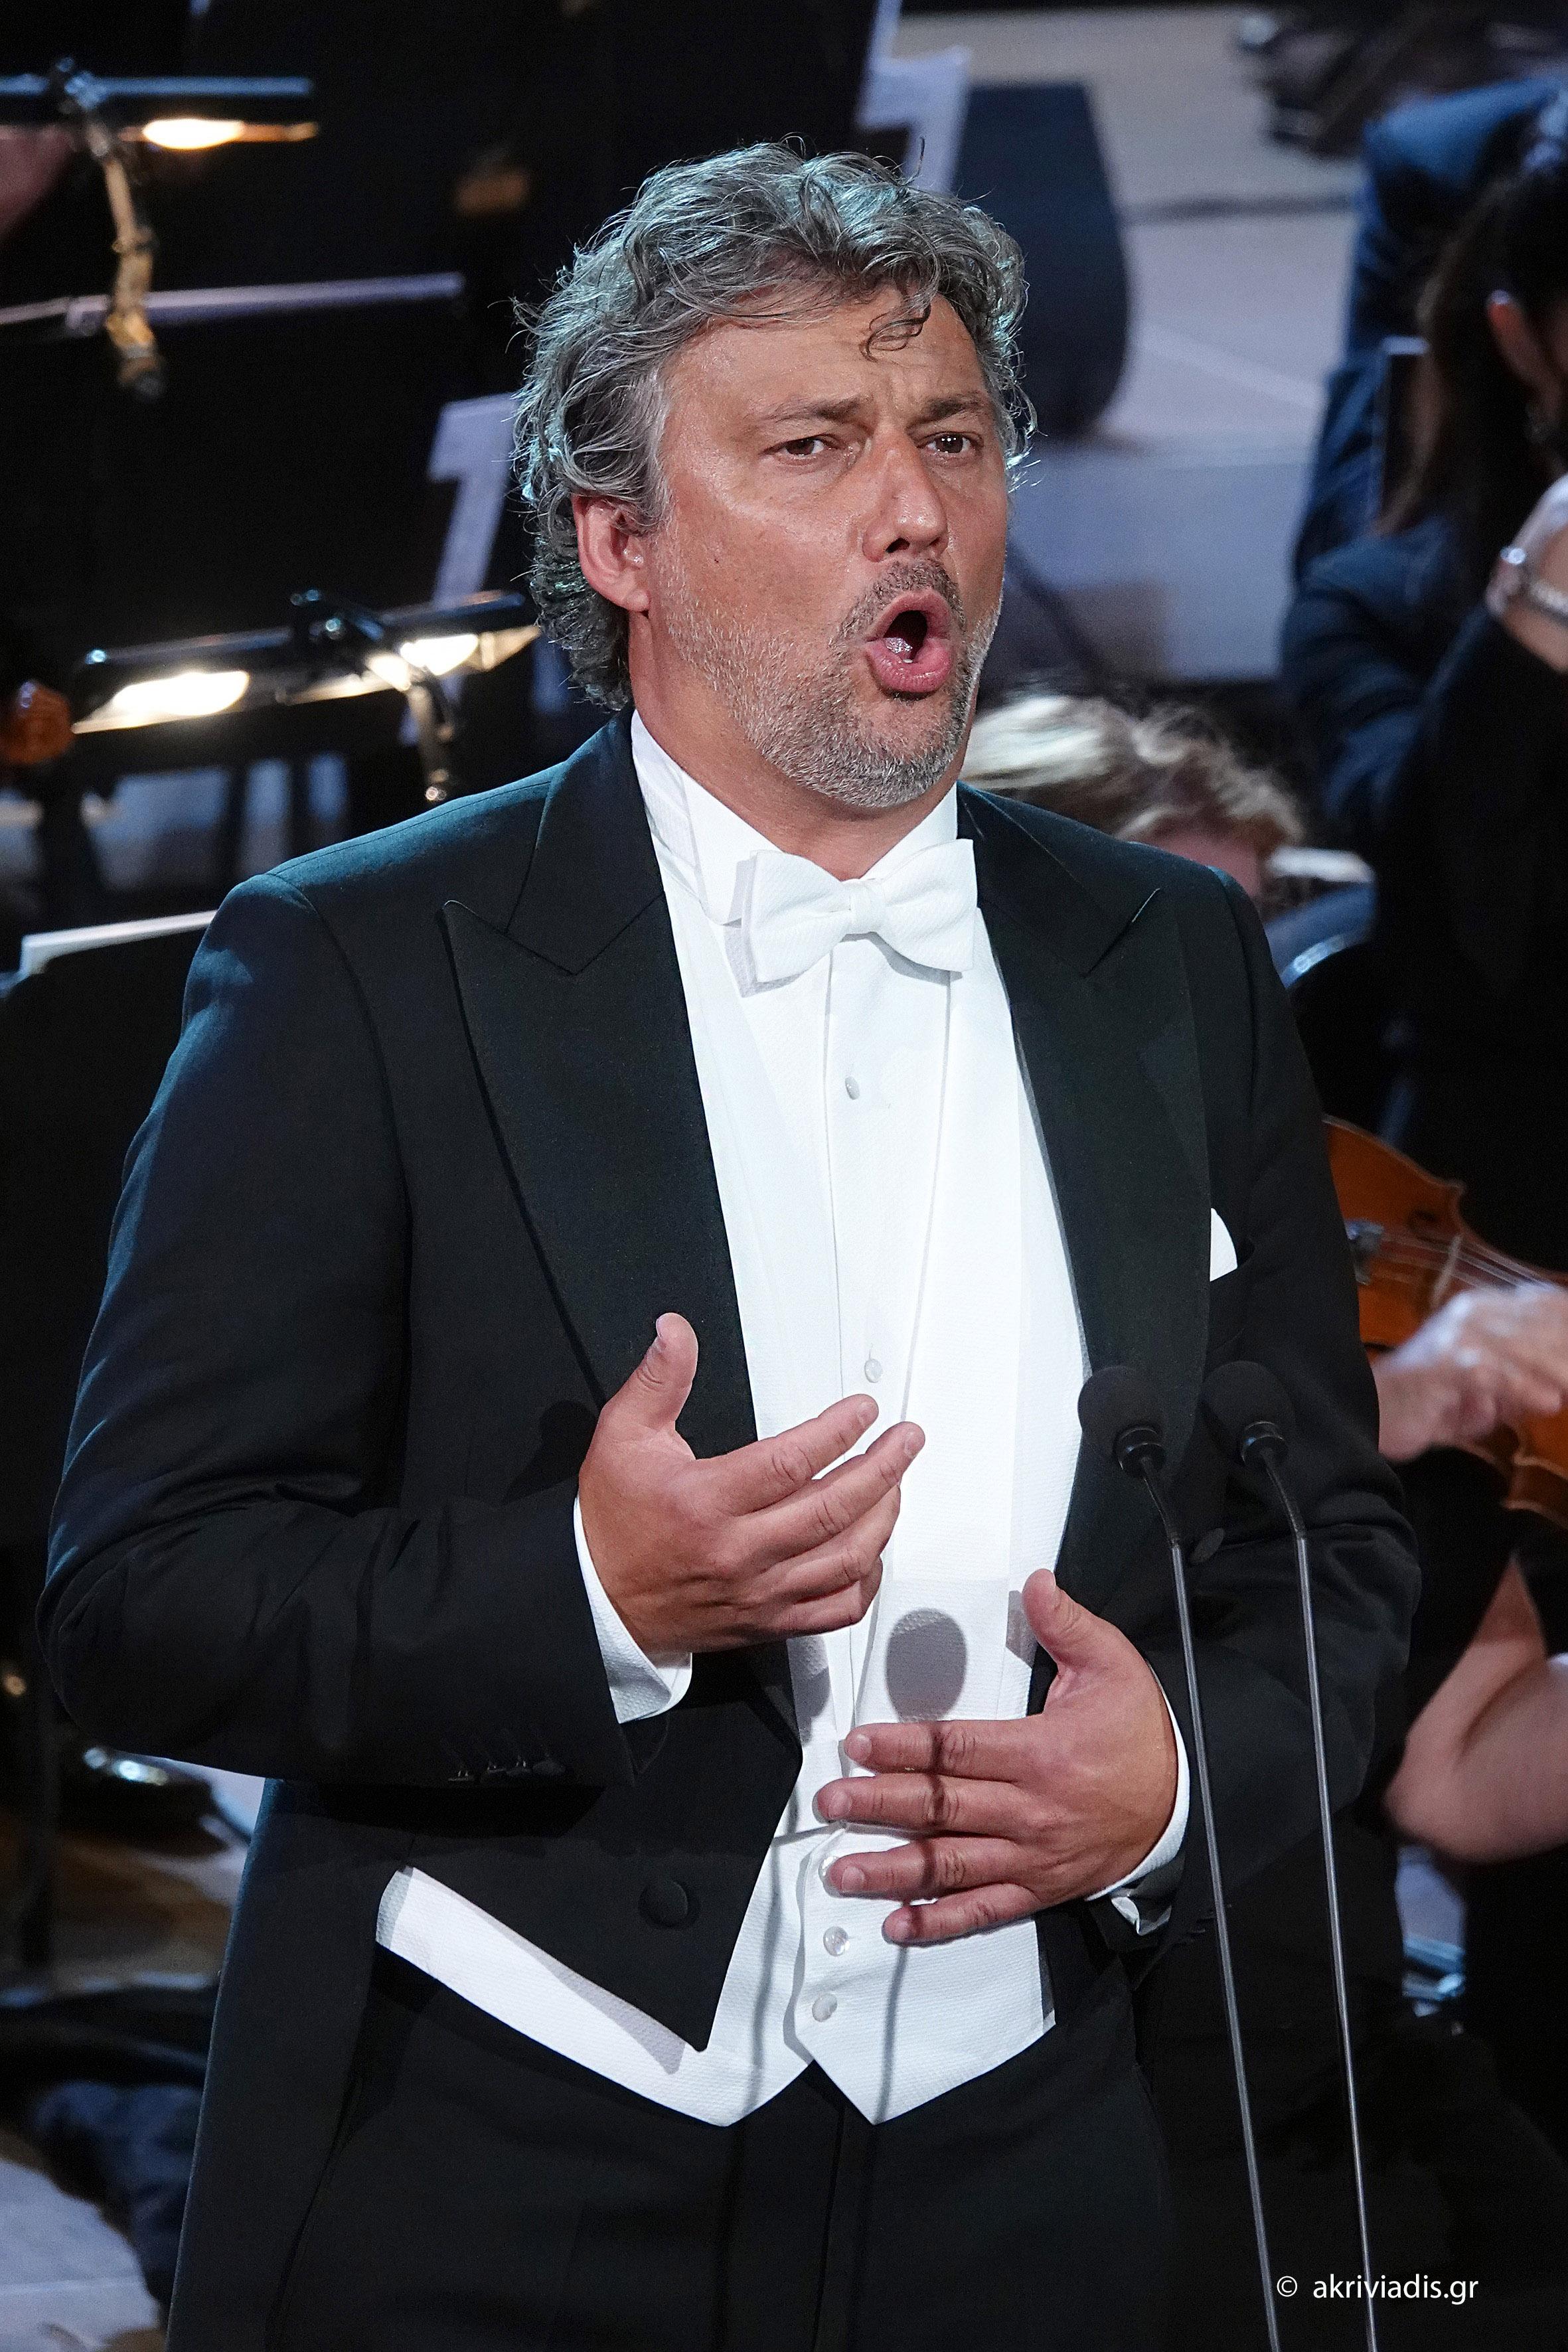 Ο Jonas Kaufmann στο Ηρώδειο (φωτο: Χ. Ακριβιάδης).